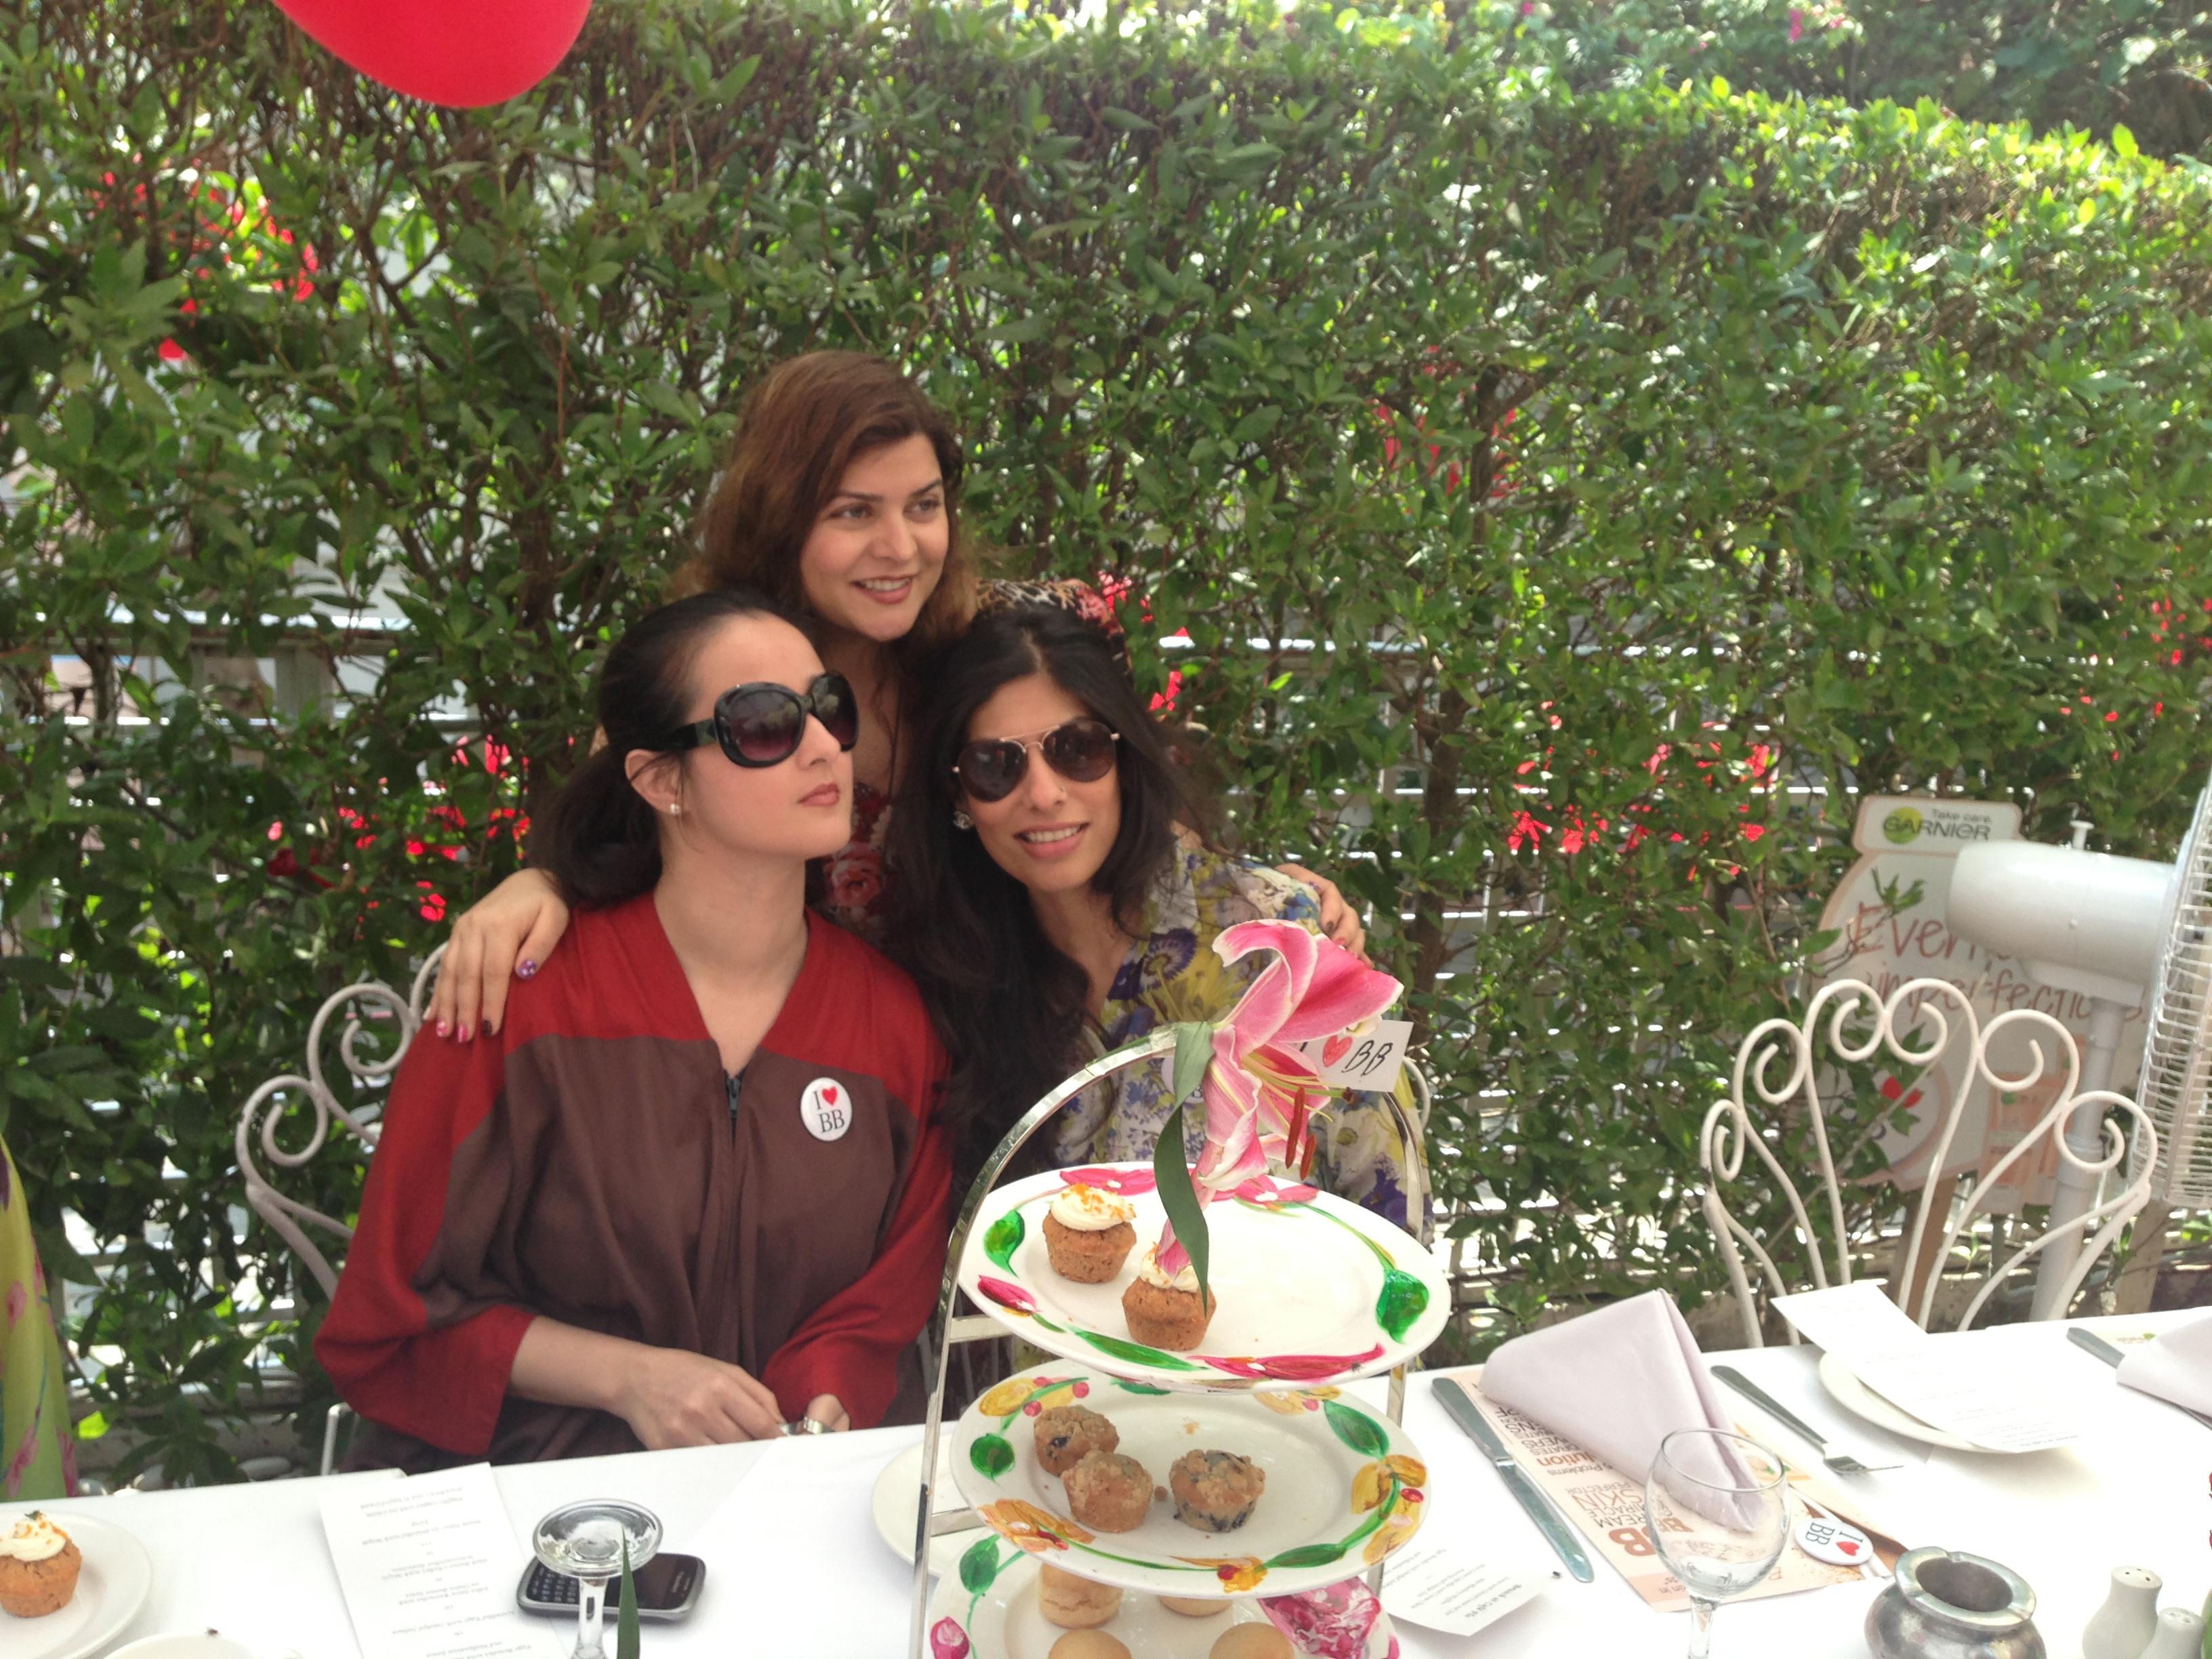 Yusra Askari, Tara Uzra Dawood and Zainab Malik